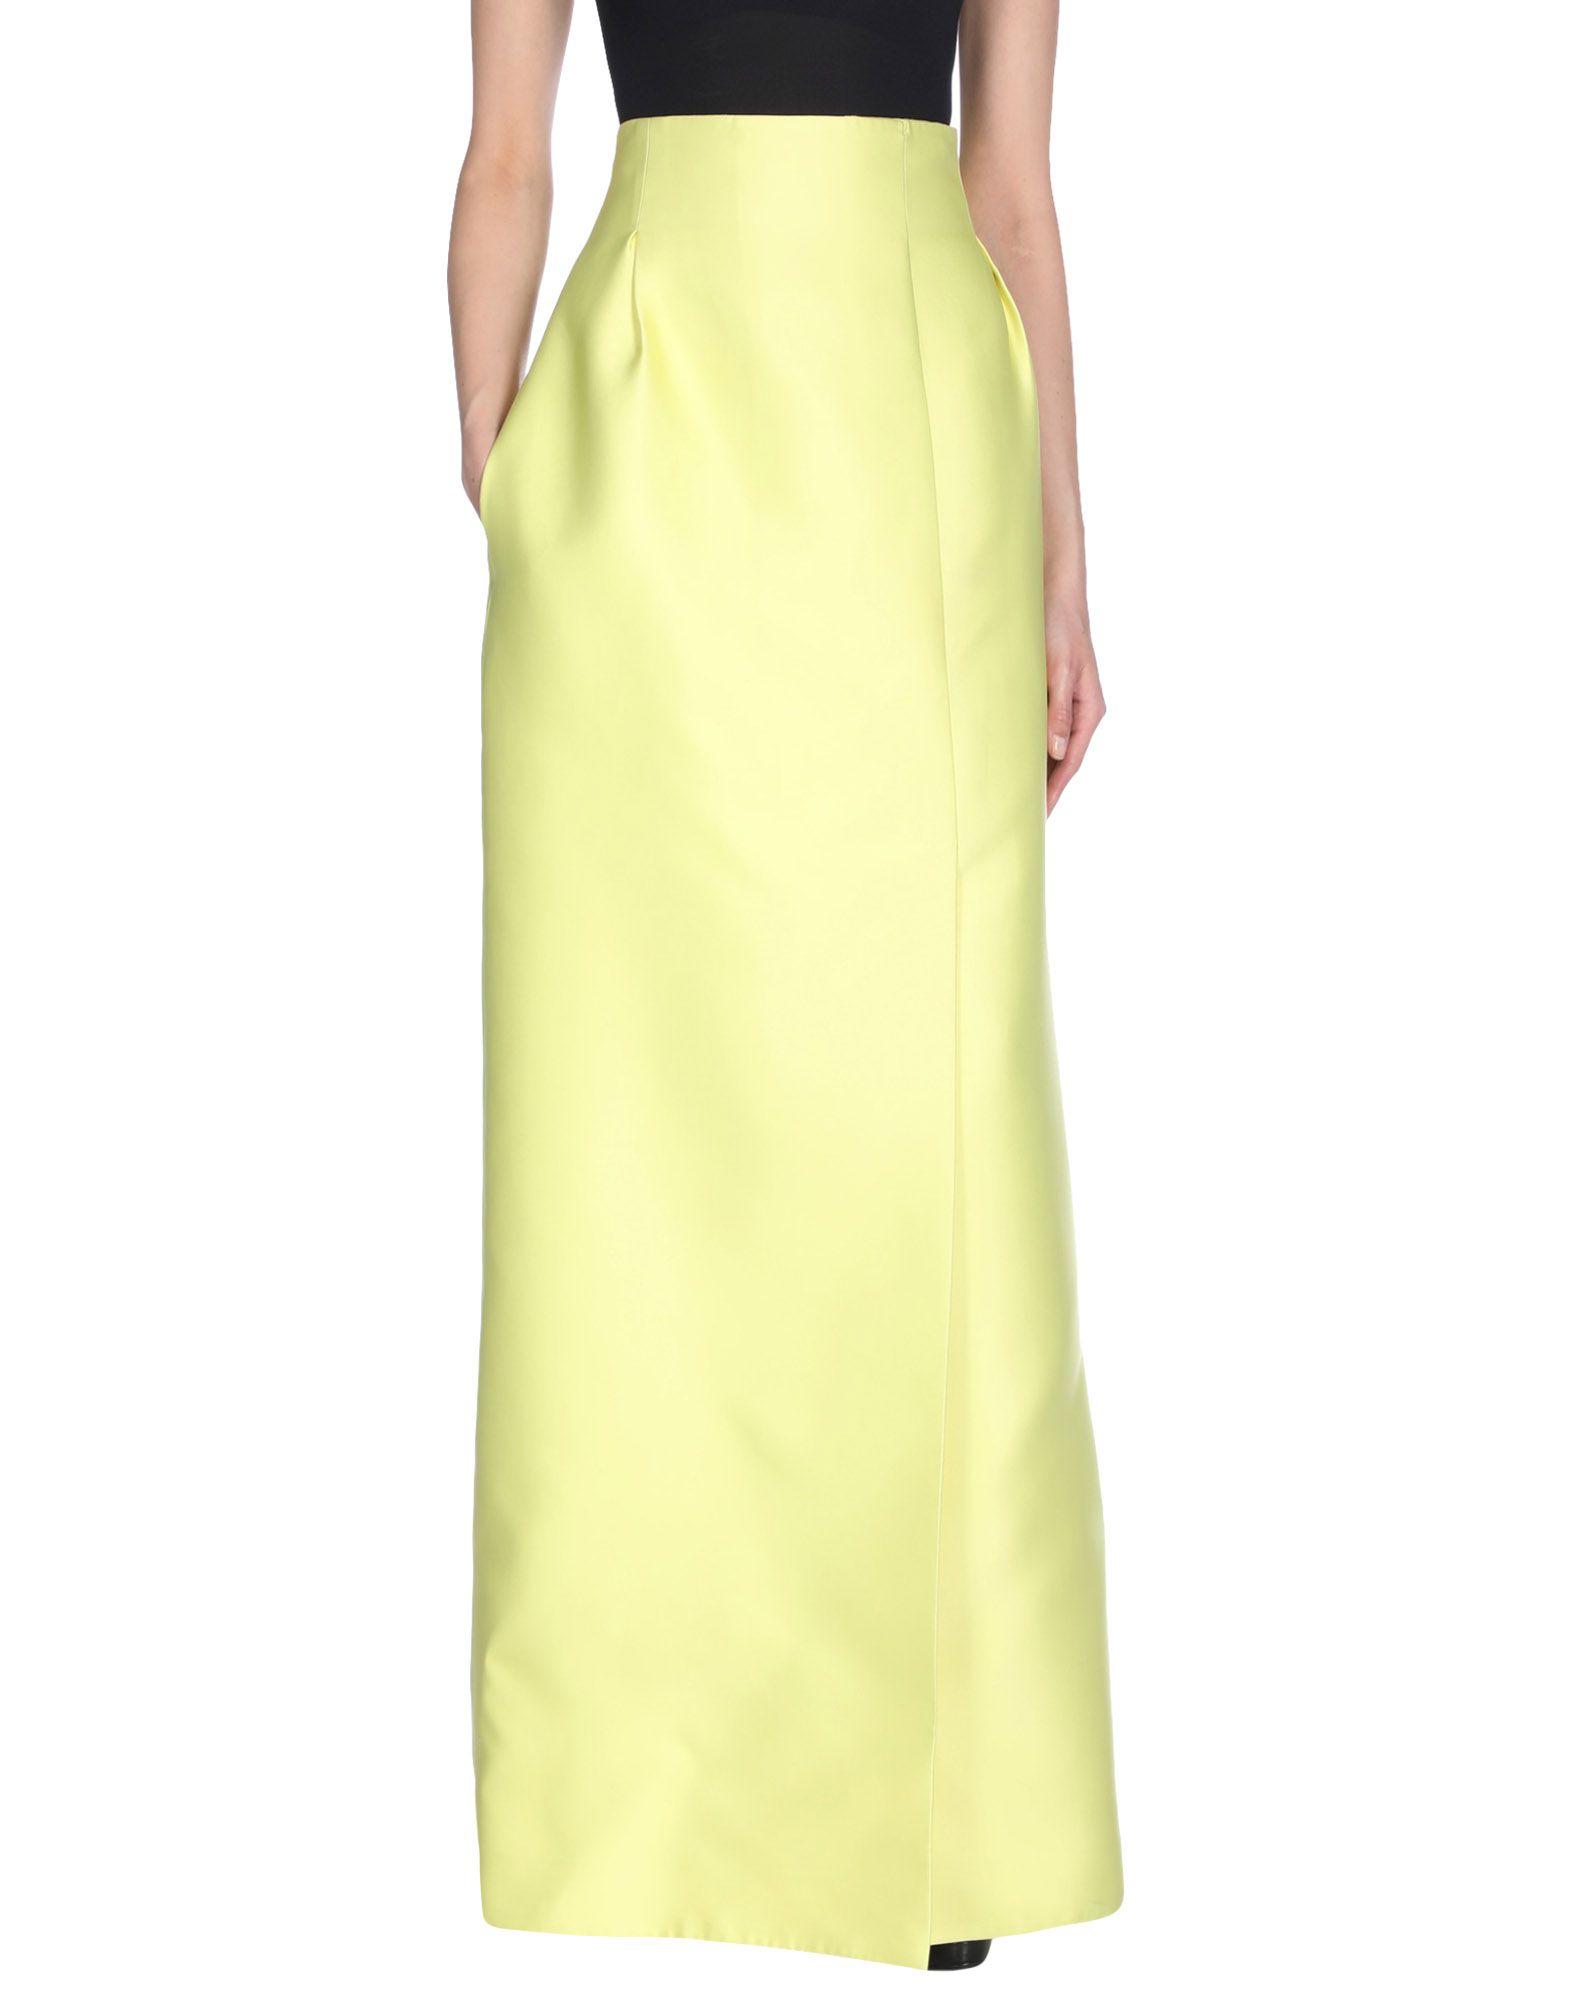 EMILIA WICKSTEAD Длинная юбка paolajoy длинная юбка